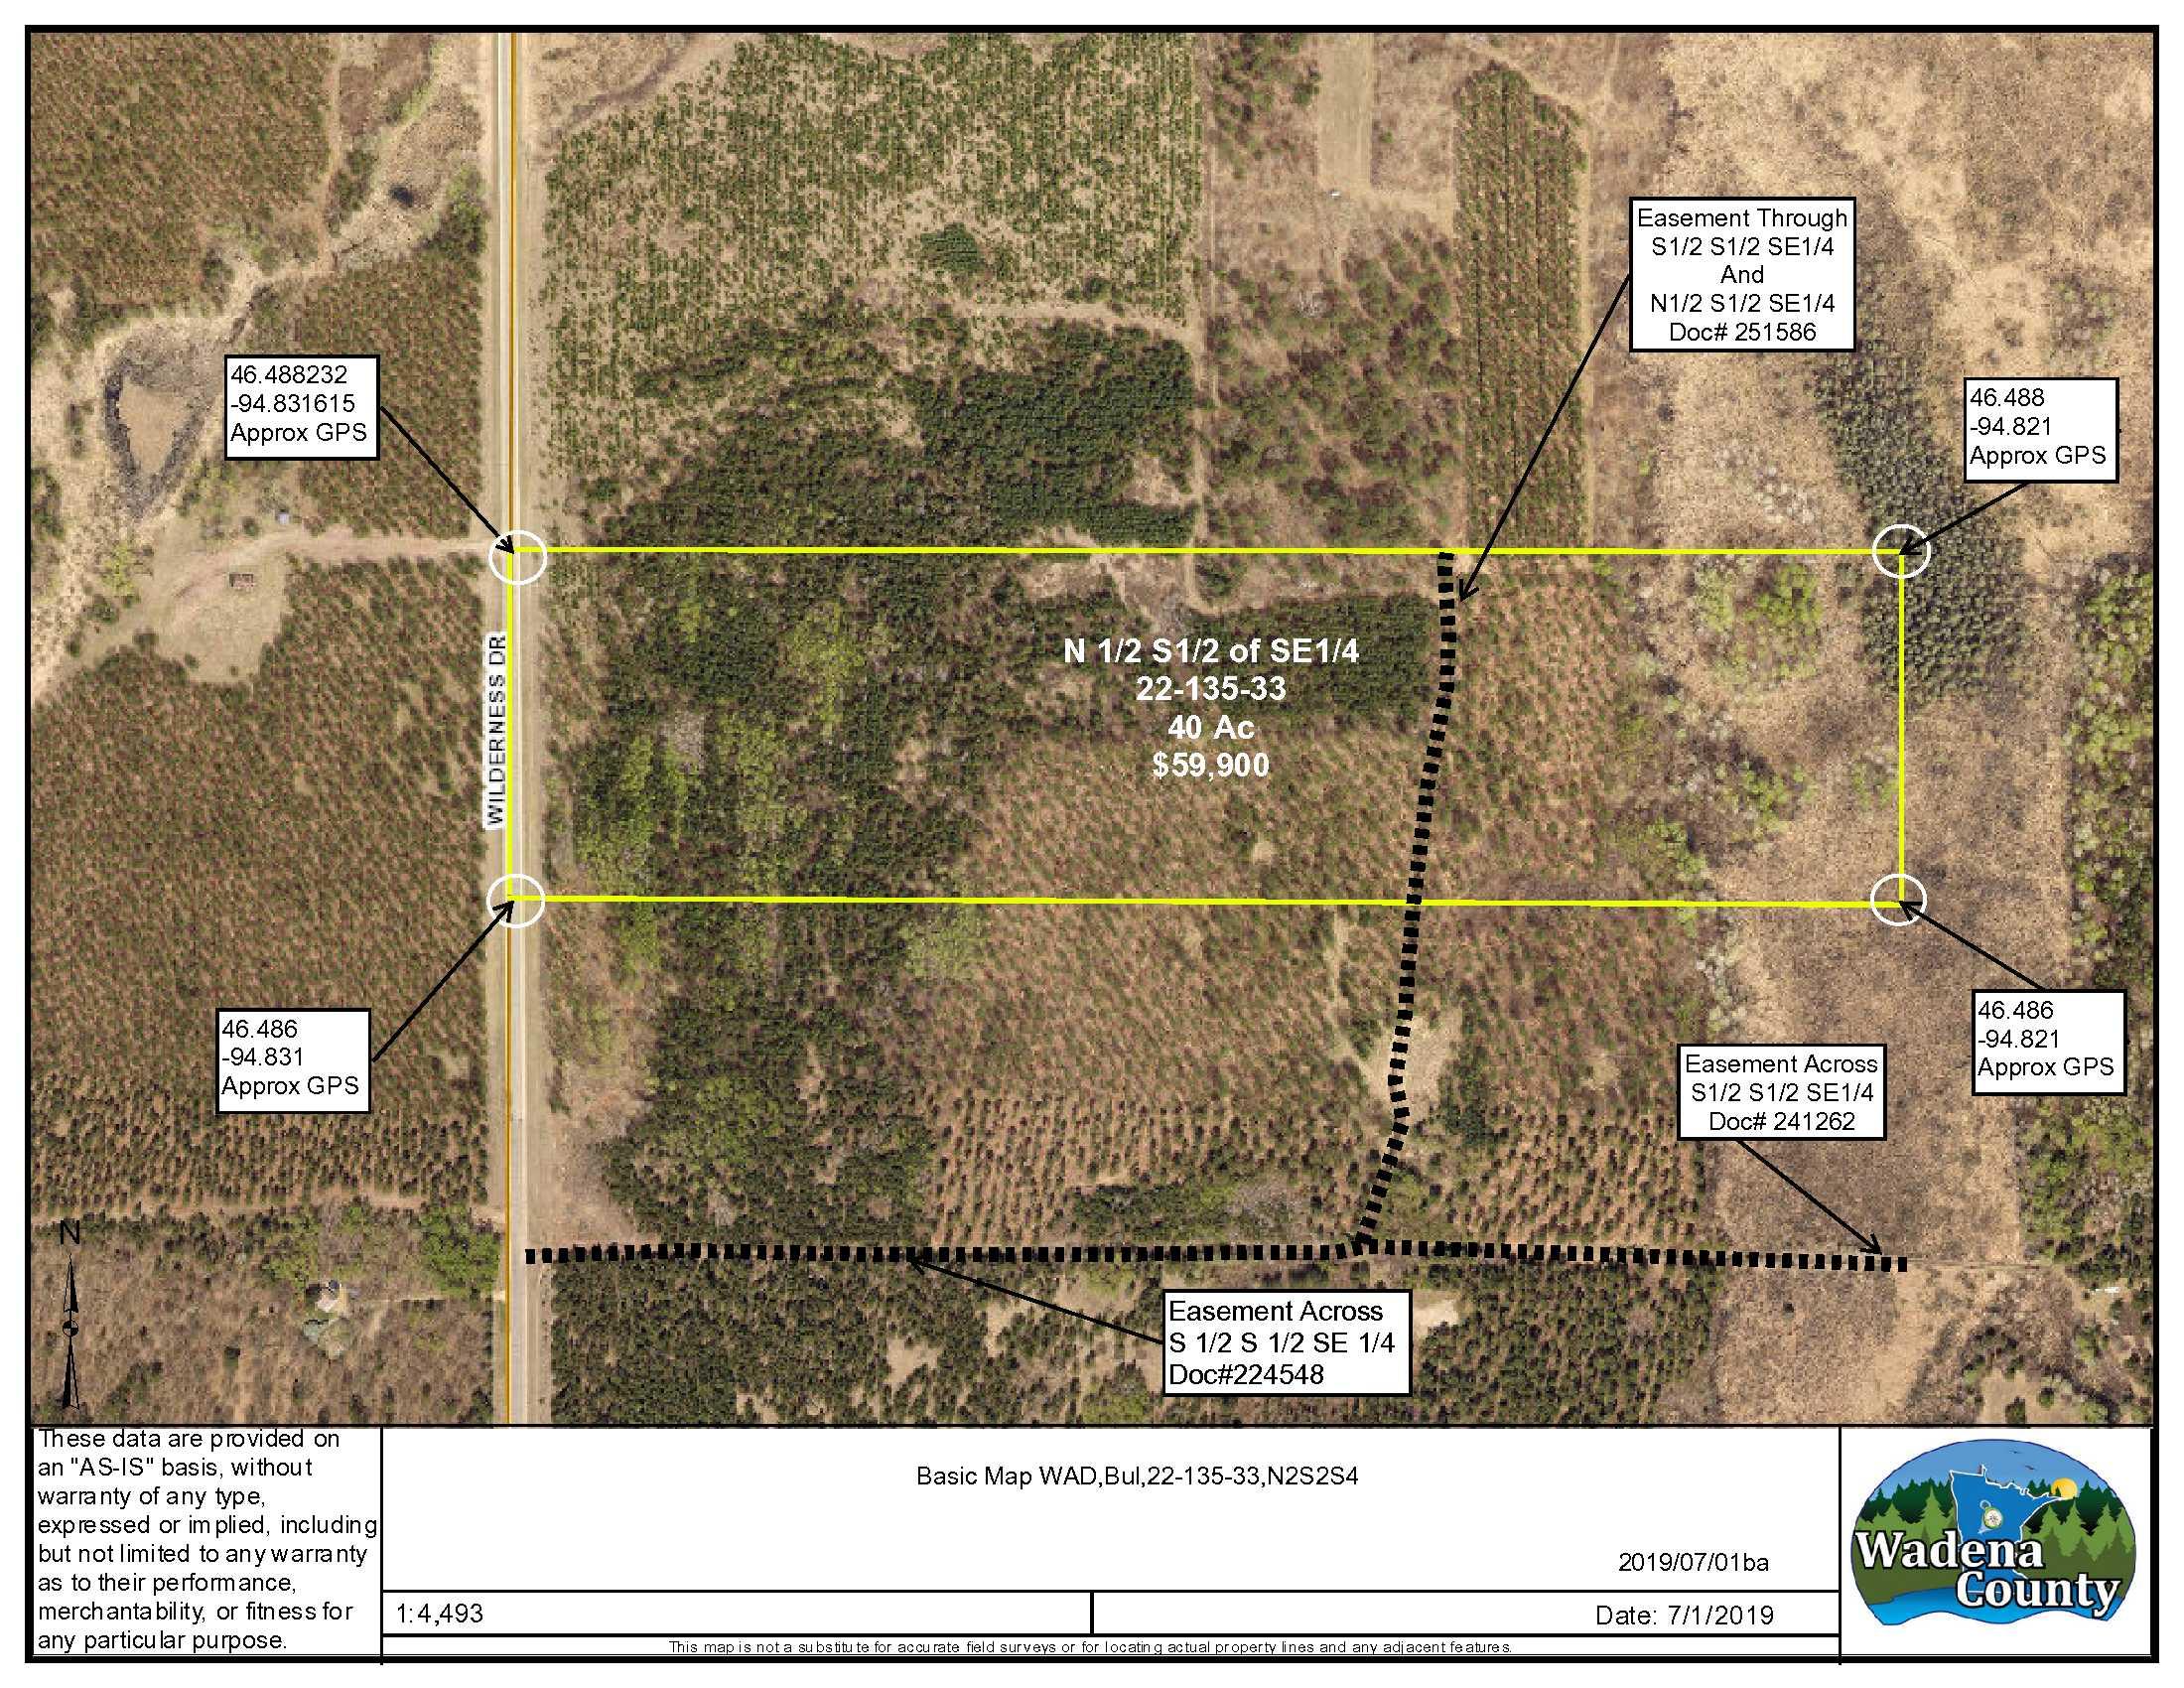 N1/2, S1/2, SE1/4 Wilderness Dr., Bullard Twp., Staples, Wadena County